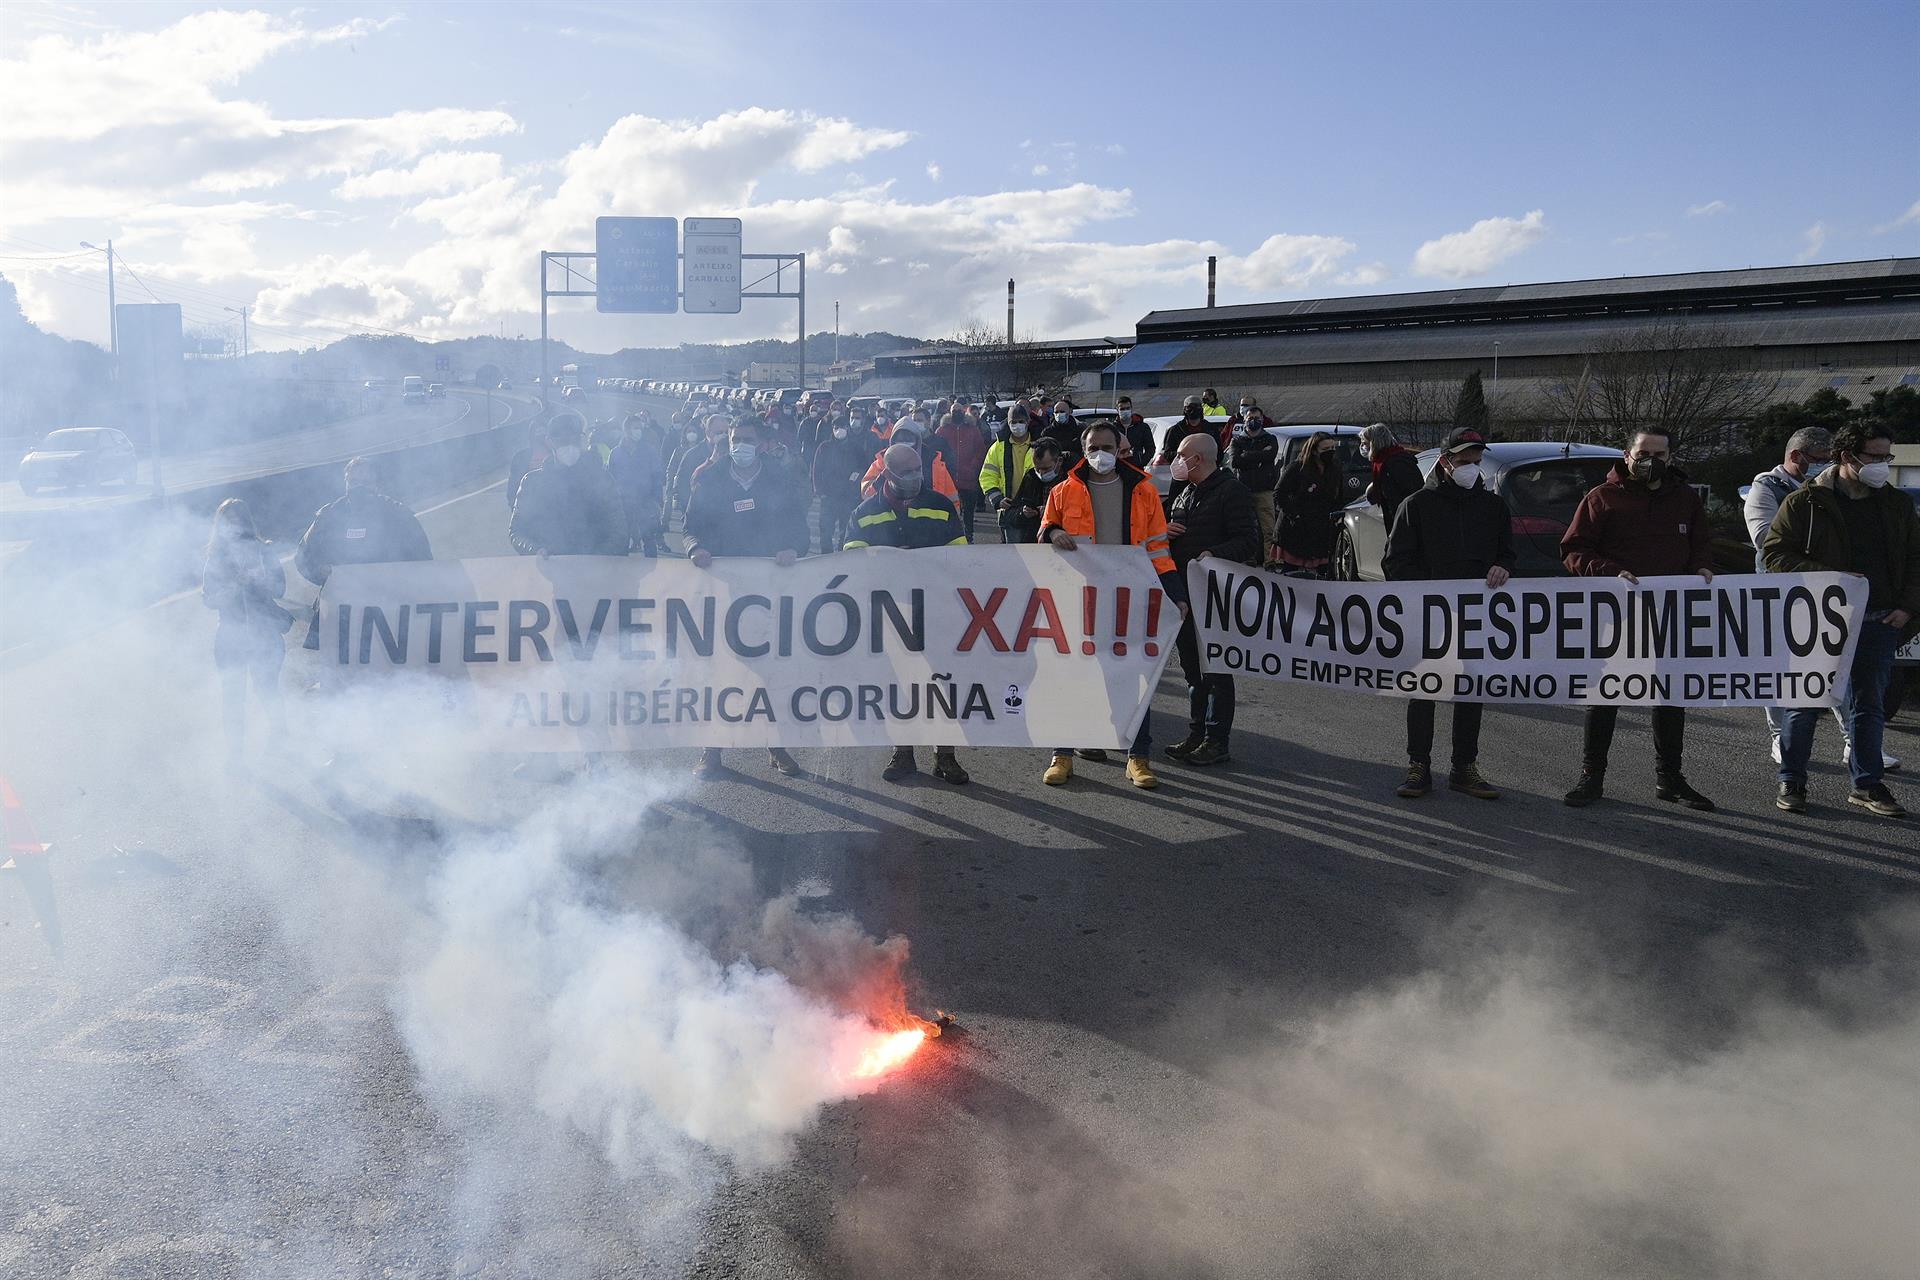 Imagen de archivo de protestas en Alu Ibérica